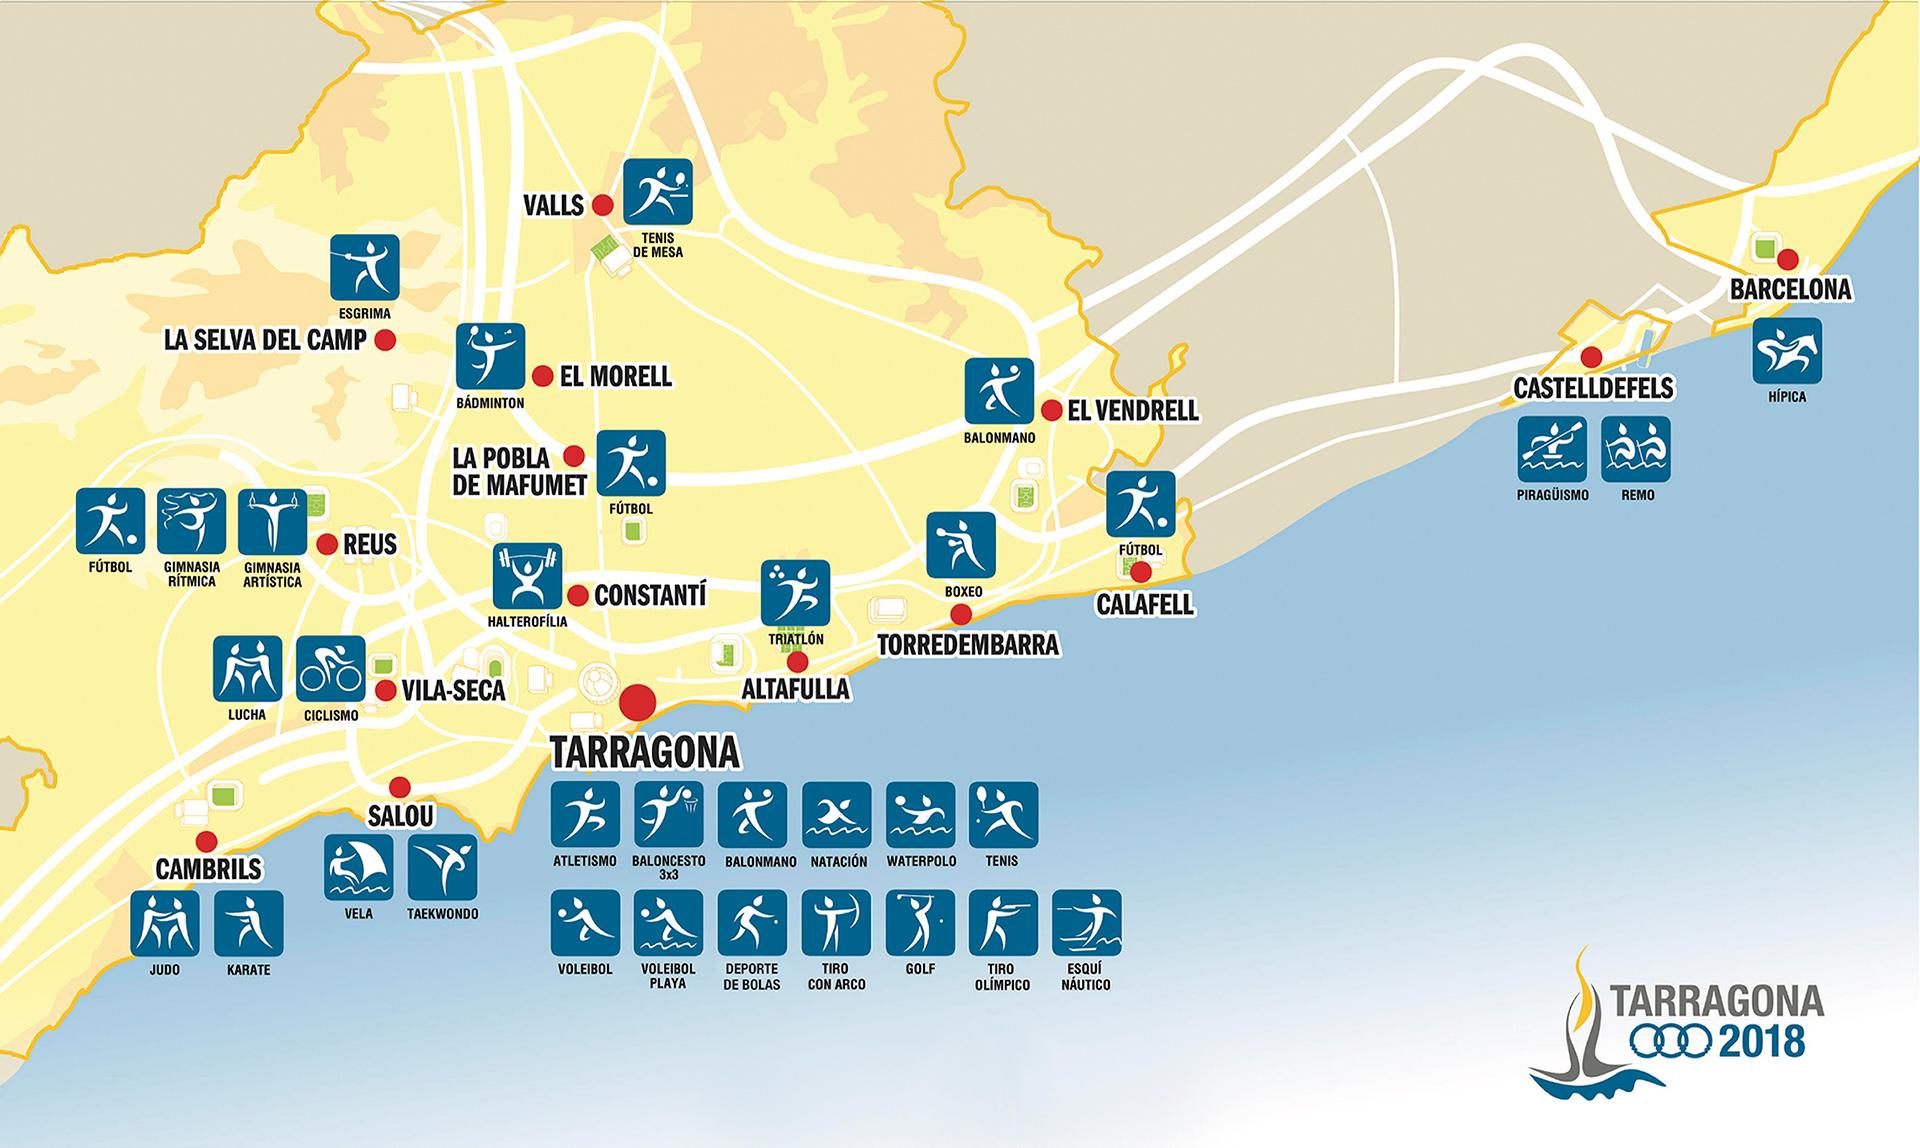 Jocs Tarragona 2018 (mapa seus)